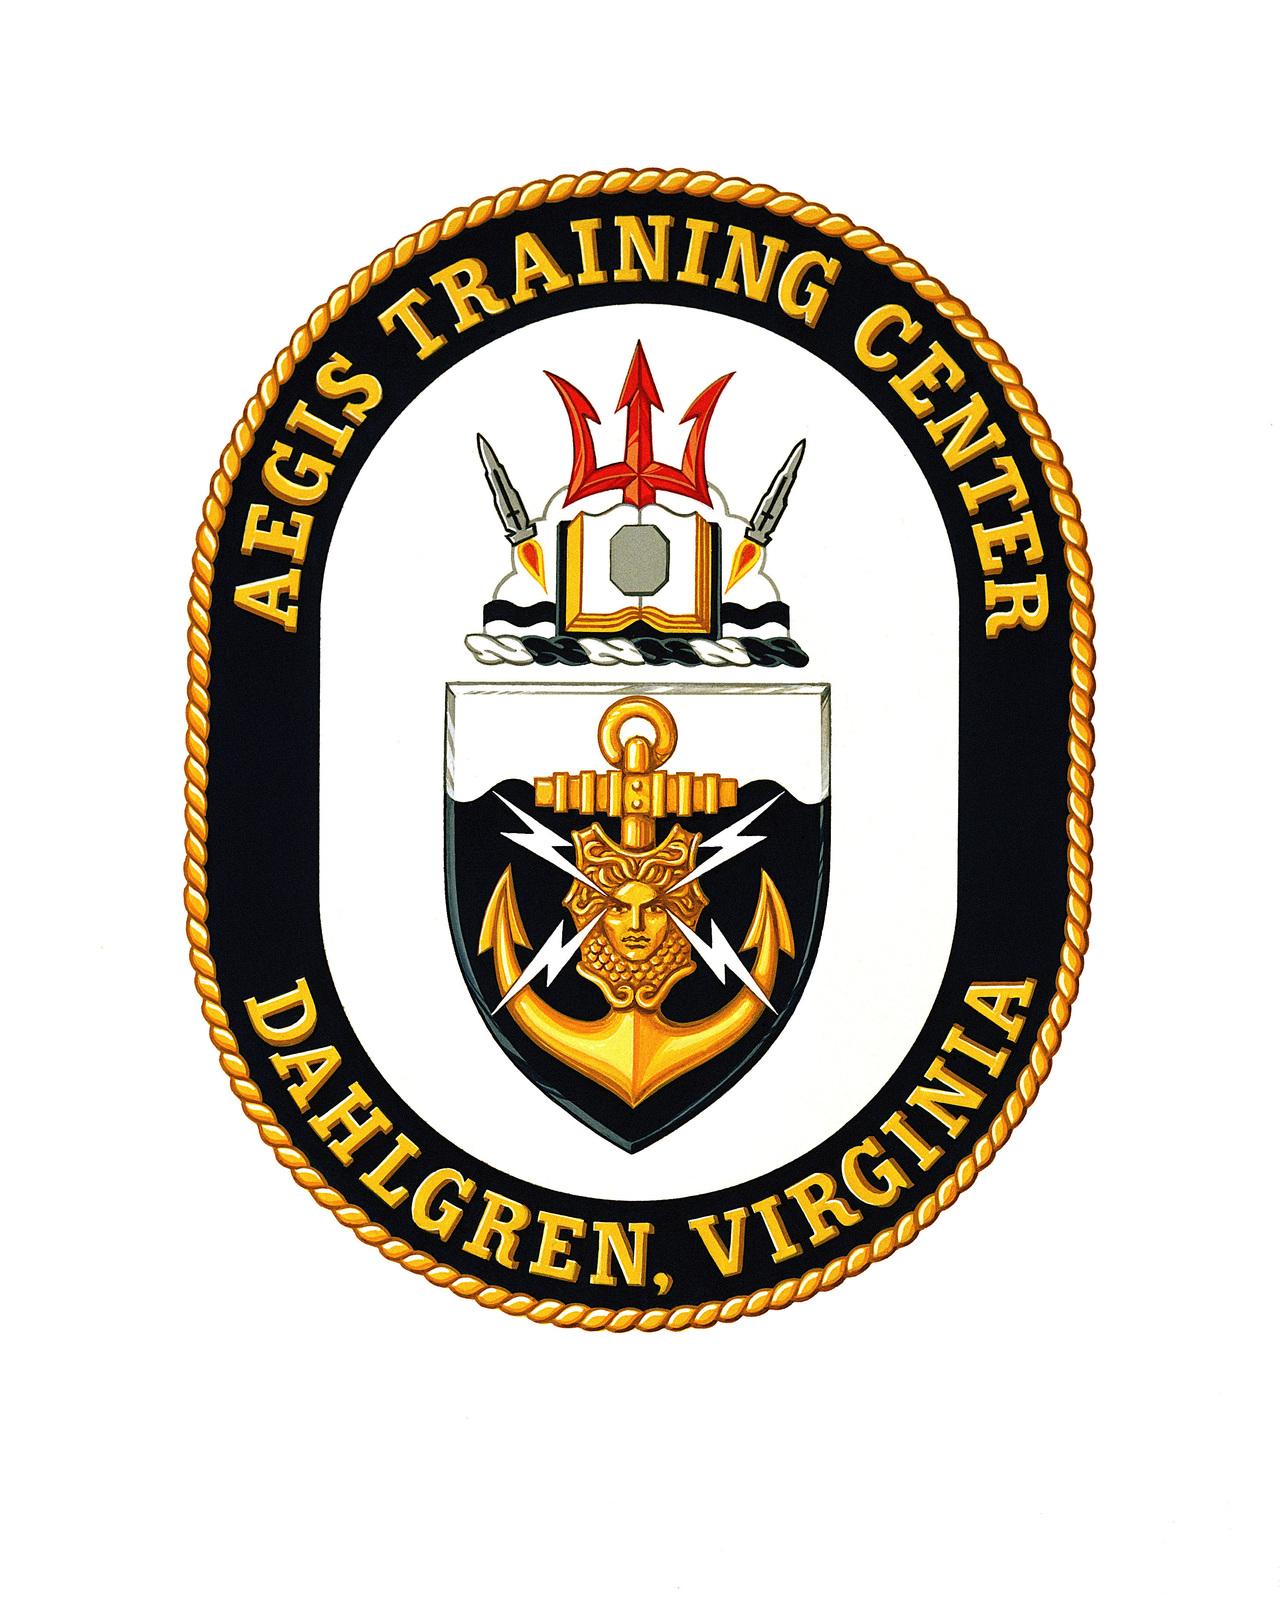 Coat of arms for: Aegis Training Center, Dahlgren, Virginia